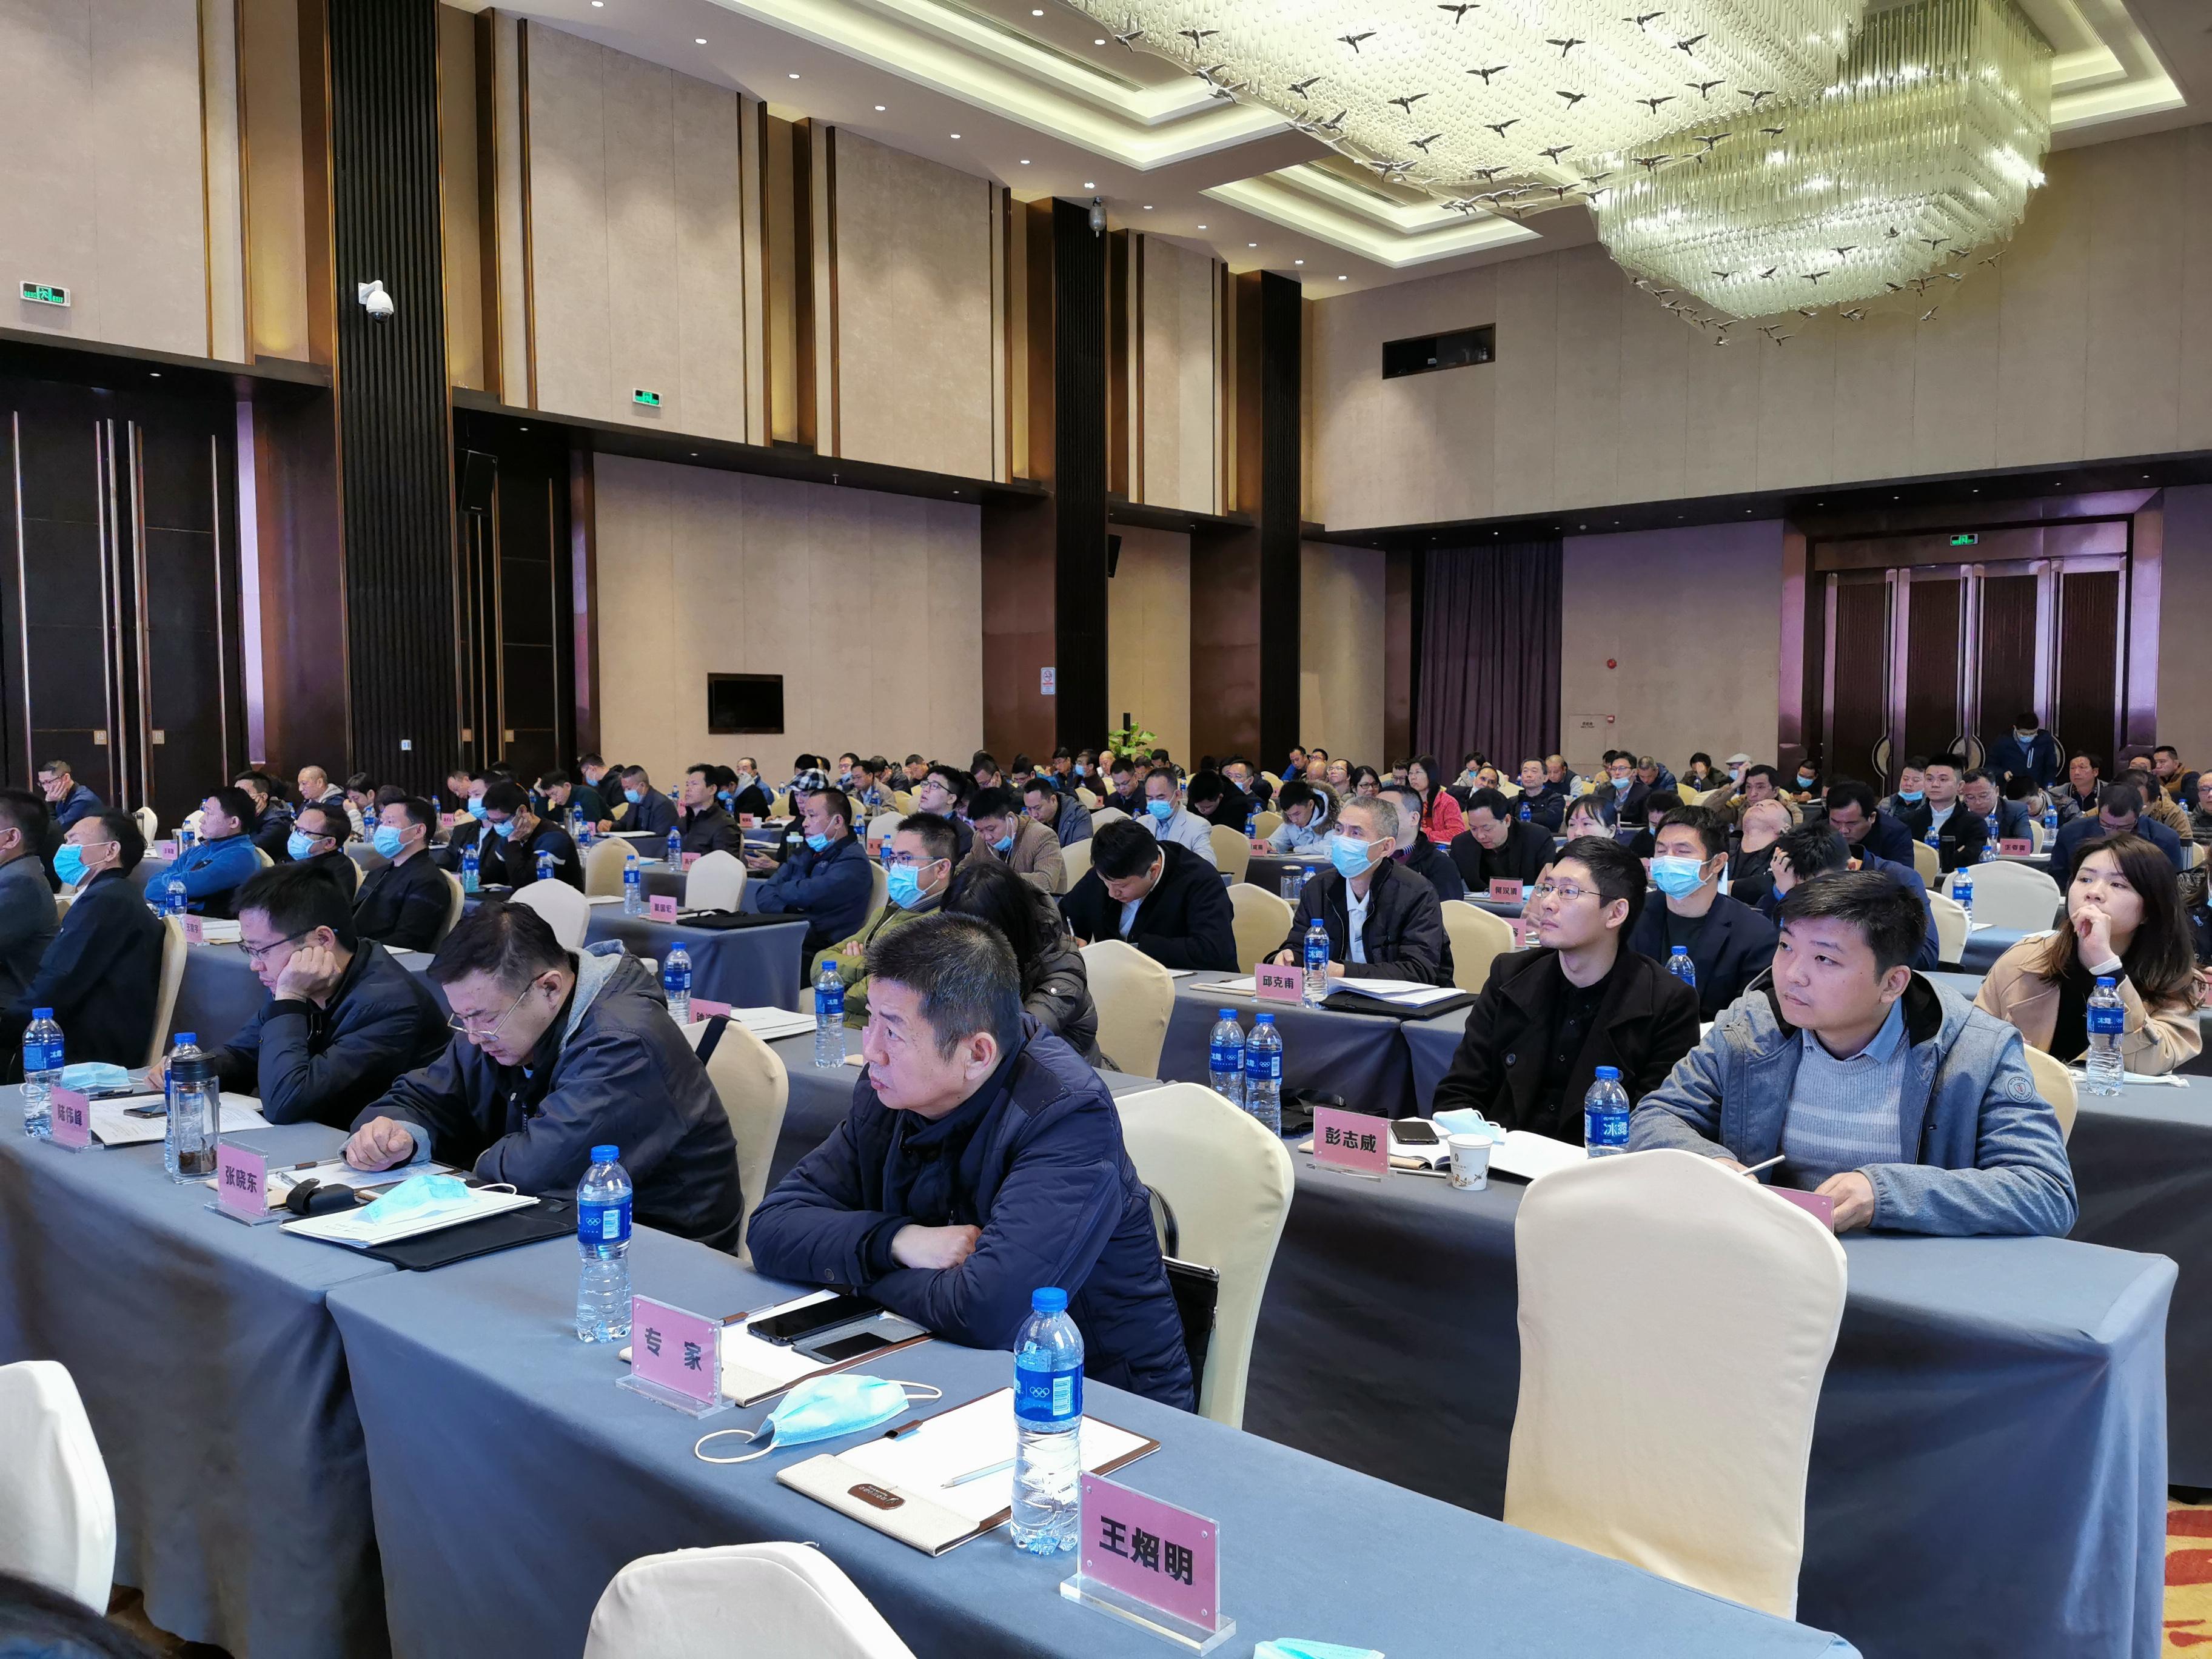 2020年度广州市城镇燃气行业业务学习培训班在广州成功举行